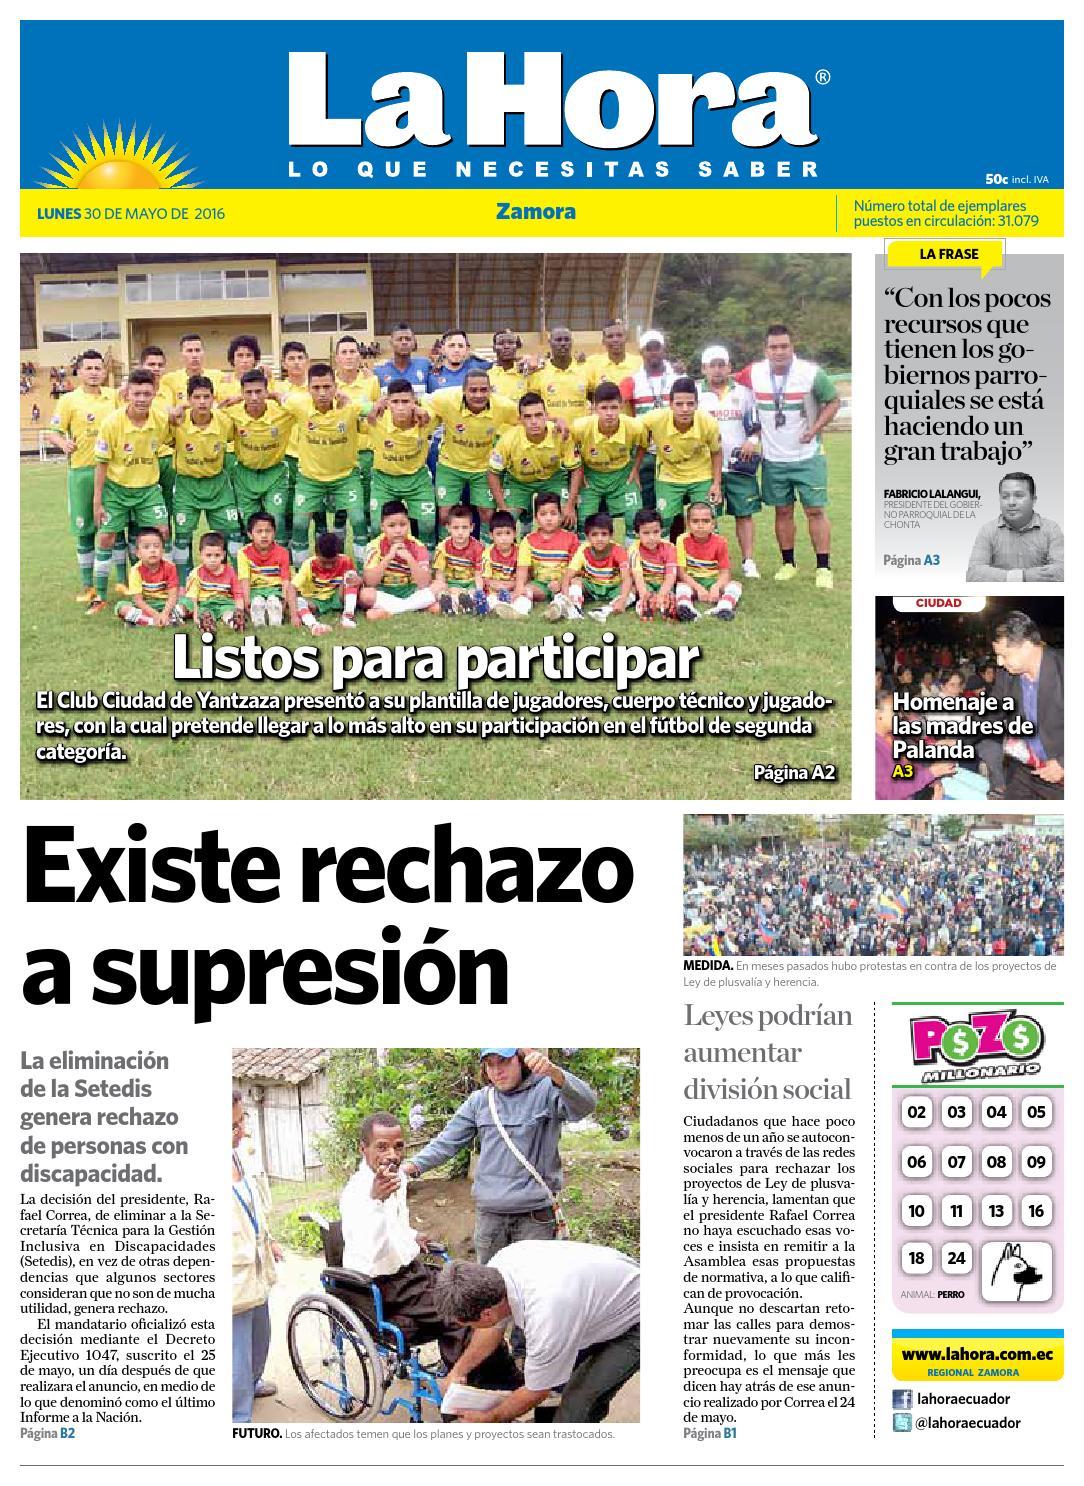 Diario La Hora Zamora 30 de Mayo 2016 by Diario La Hora Ecuador - issuu